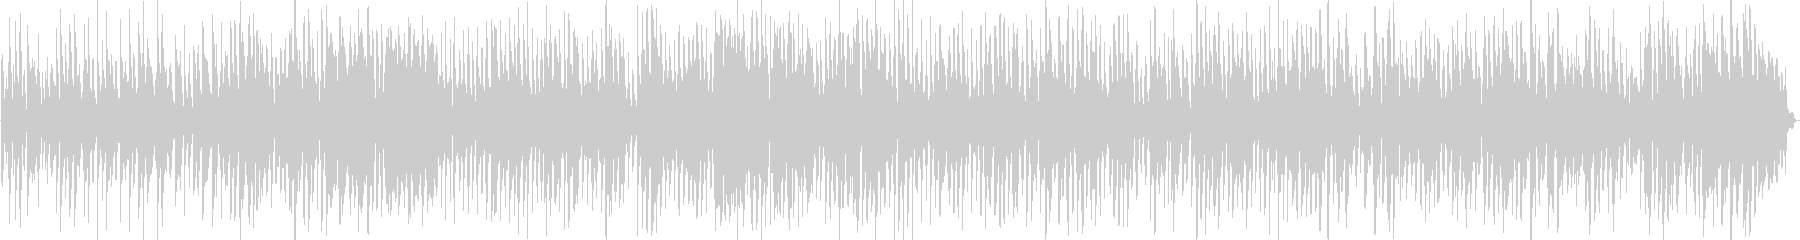 トロンボーンソロ、オールドジャズの未再生の波形